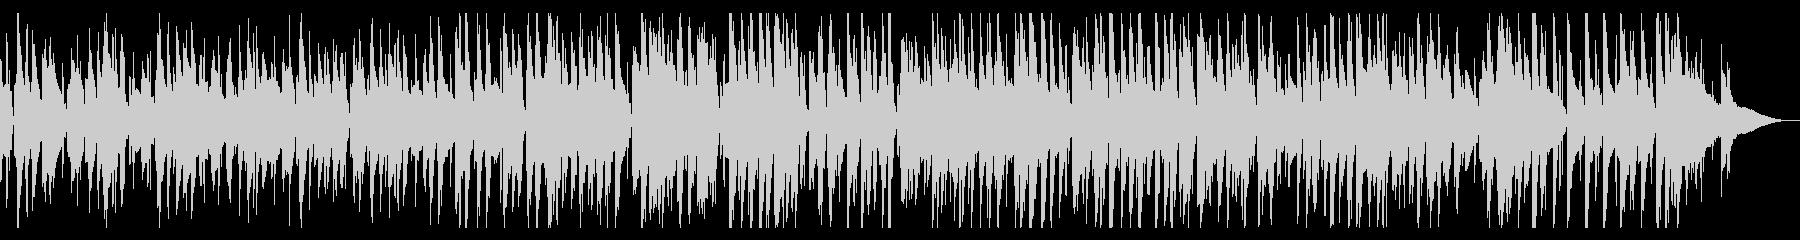 大人の楽しげなjazz風ピアノ2の未再生の波形